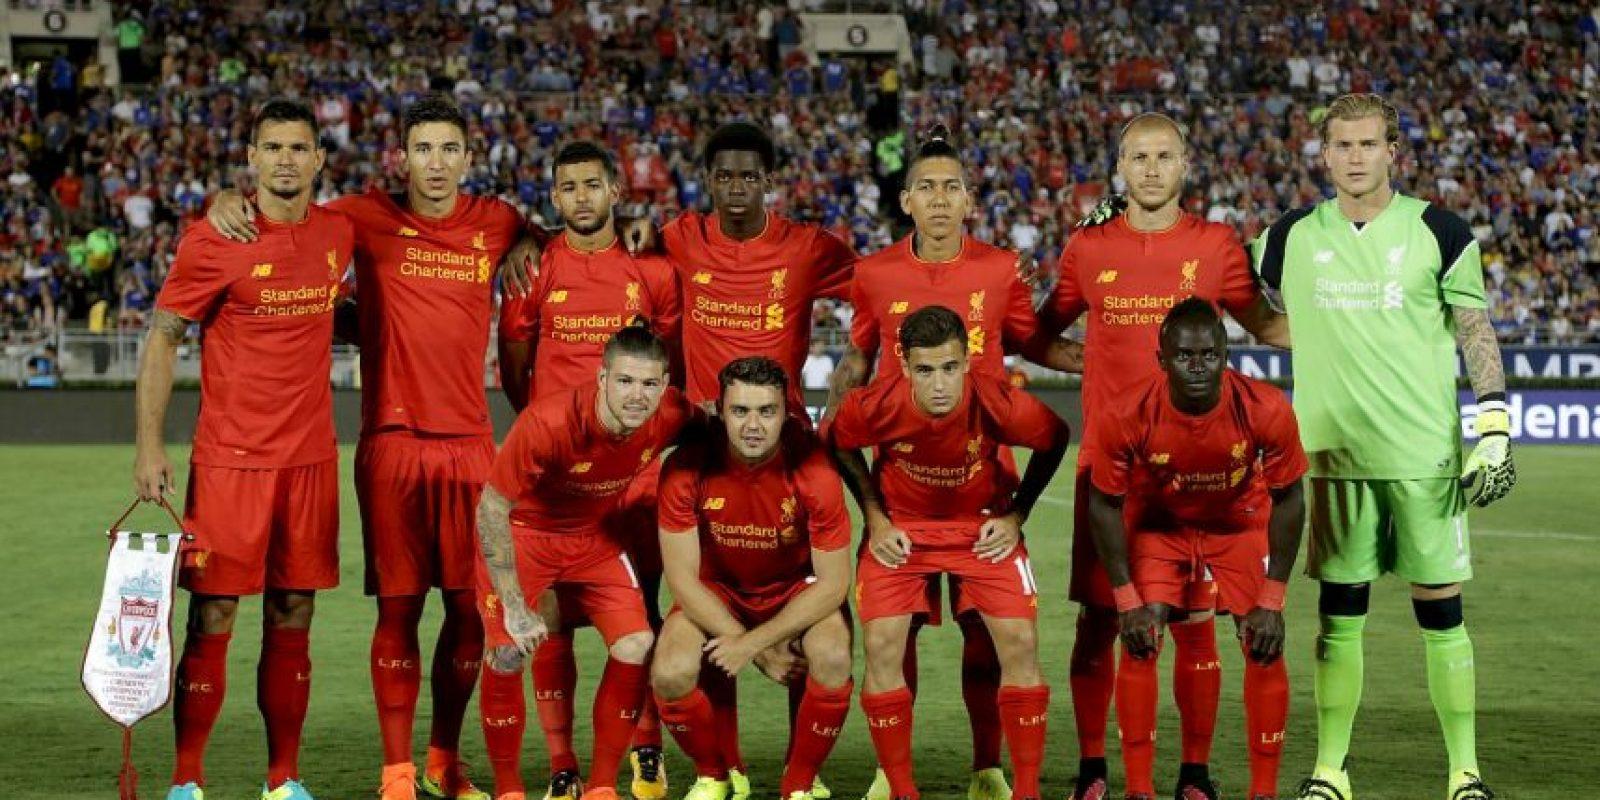 Liverpool completa el podio de los equipos más odiados Foto:Getty Images